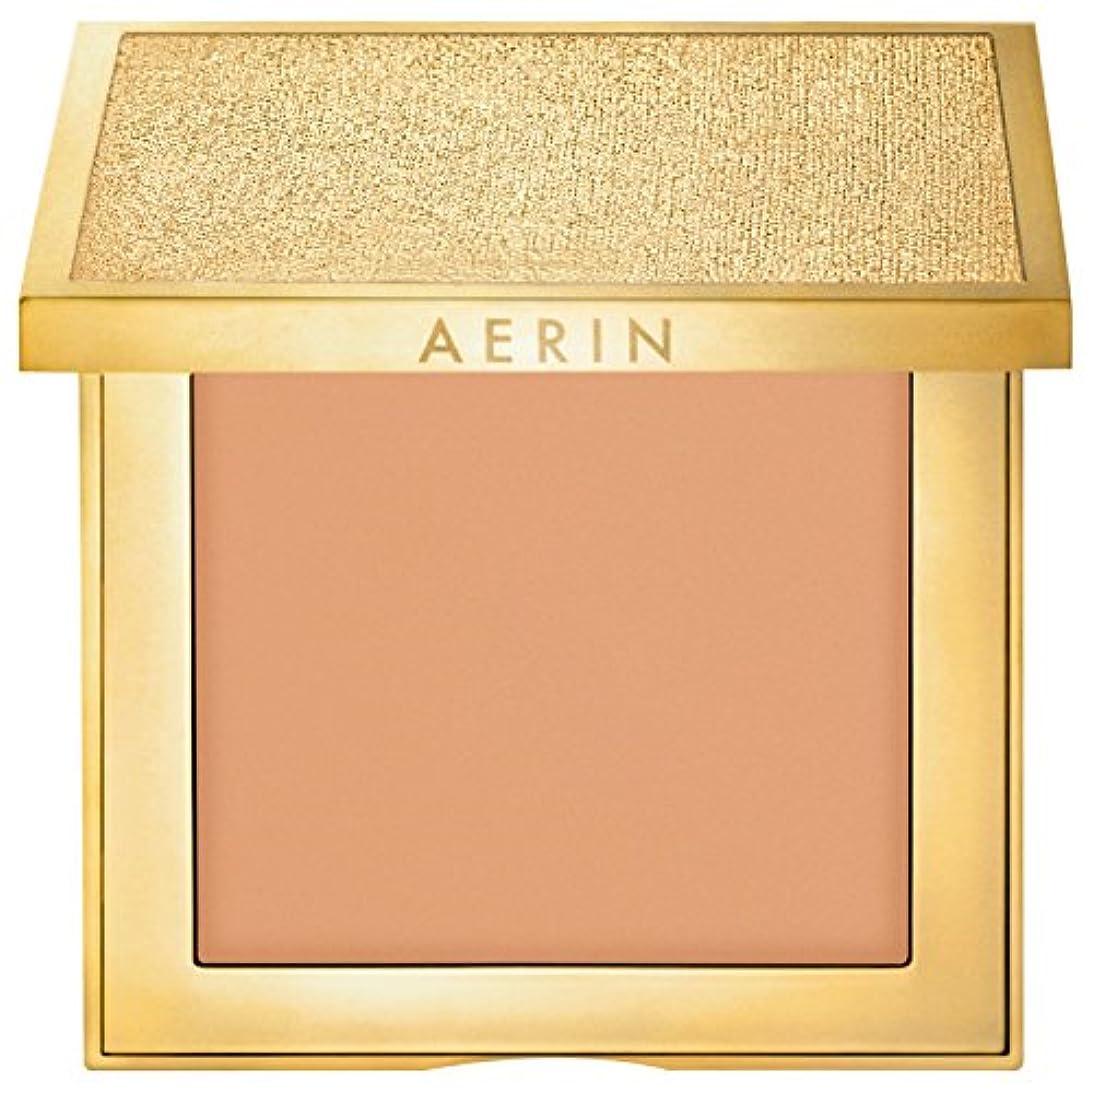 スキップロック解除深くAerin新鮮な肌コンパクトメイクアップレベル5 (AERIN) (x6) - AERIN Fresh Skin Compact Makeup Level 5 (Pack of 6) [並行輸入品]